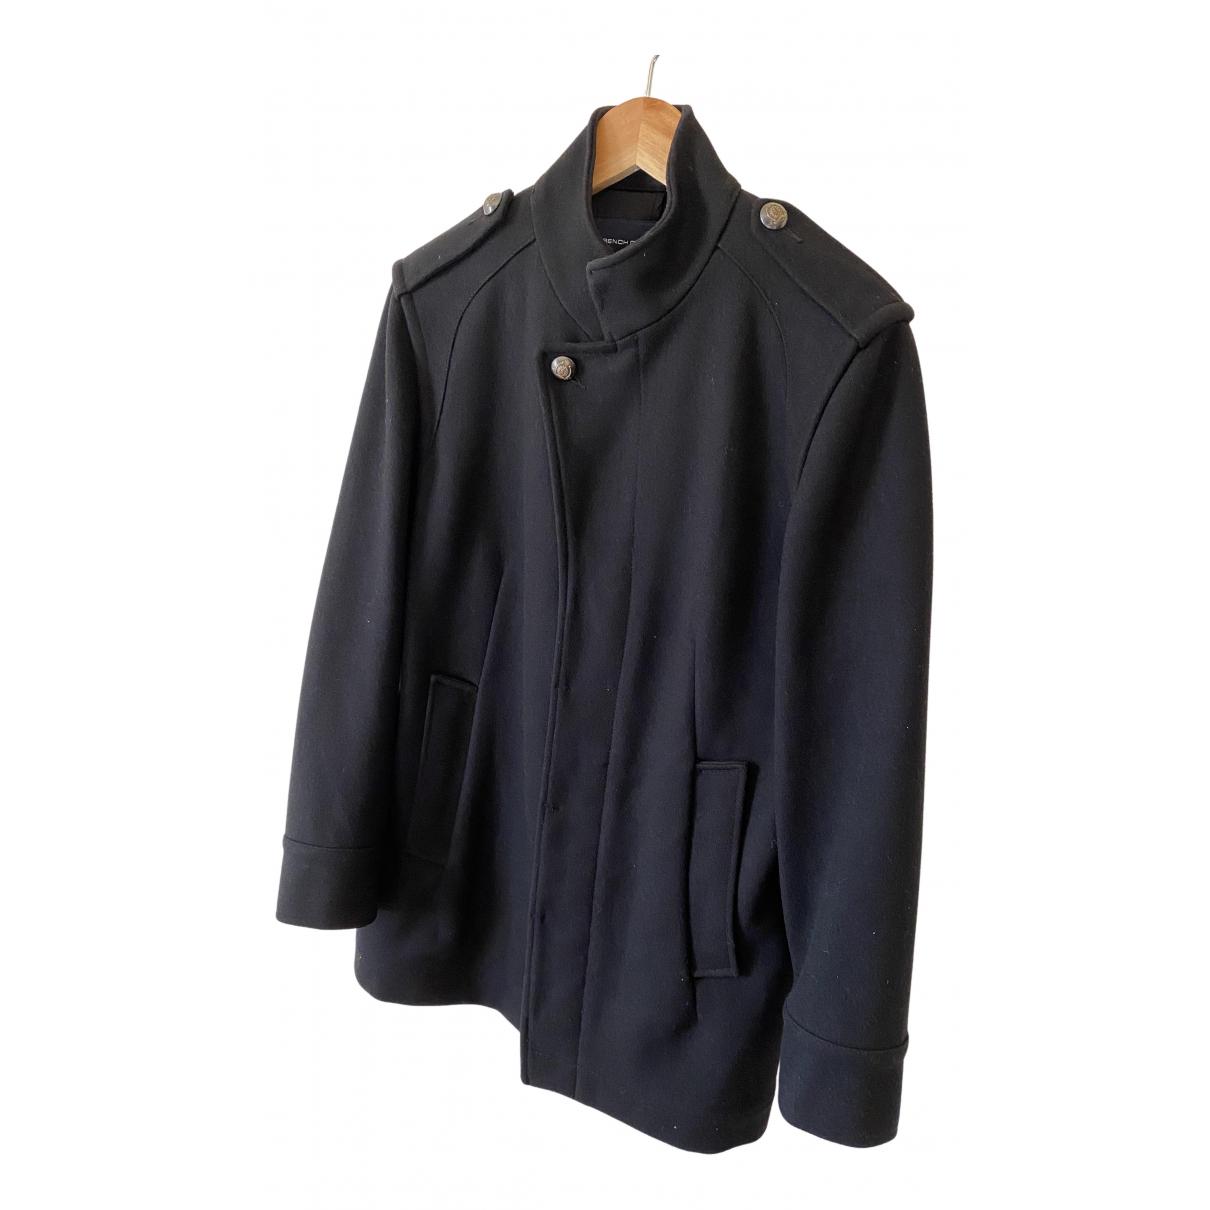 French Connection - Manteau   pour homme en laine - noir